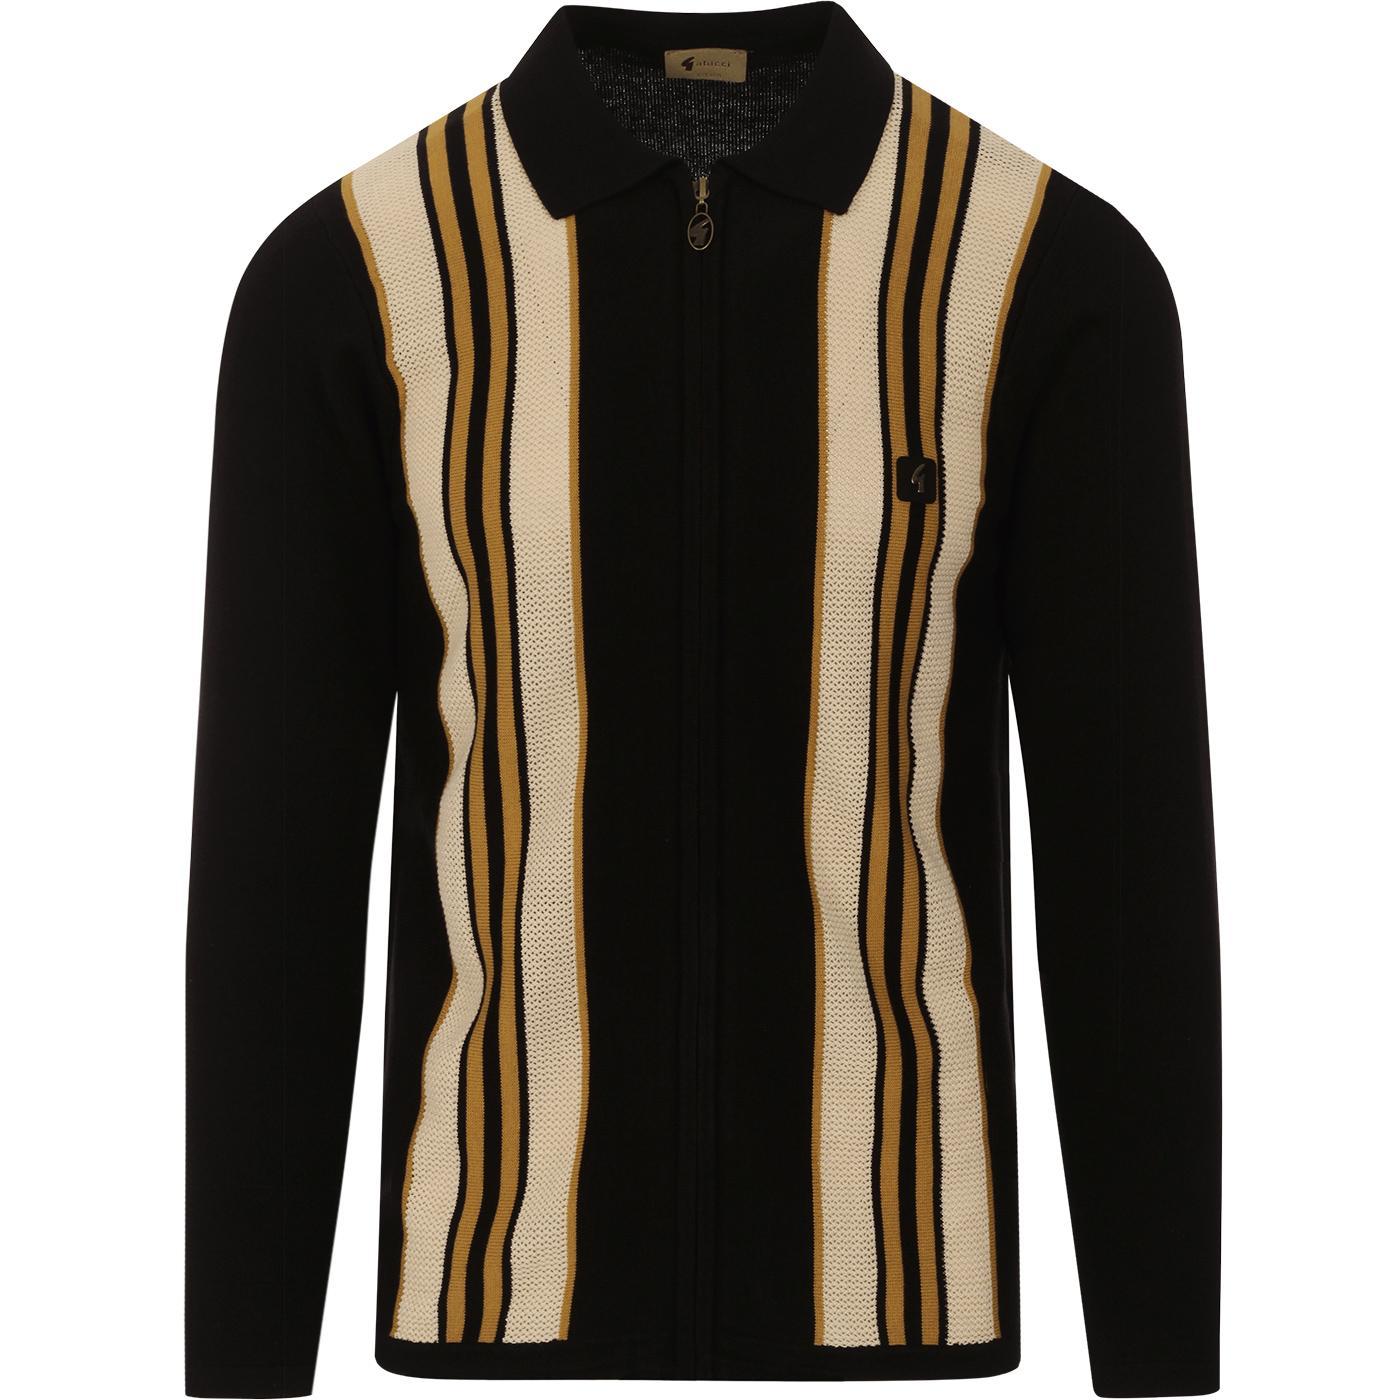 Monterey GABICCI VINTAGE Mod Stripe Zip Knit Polo